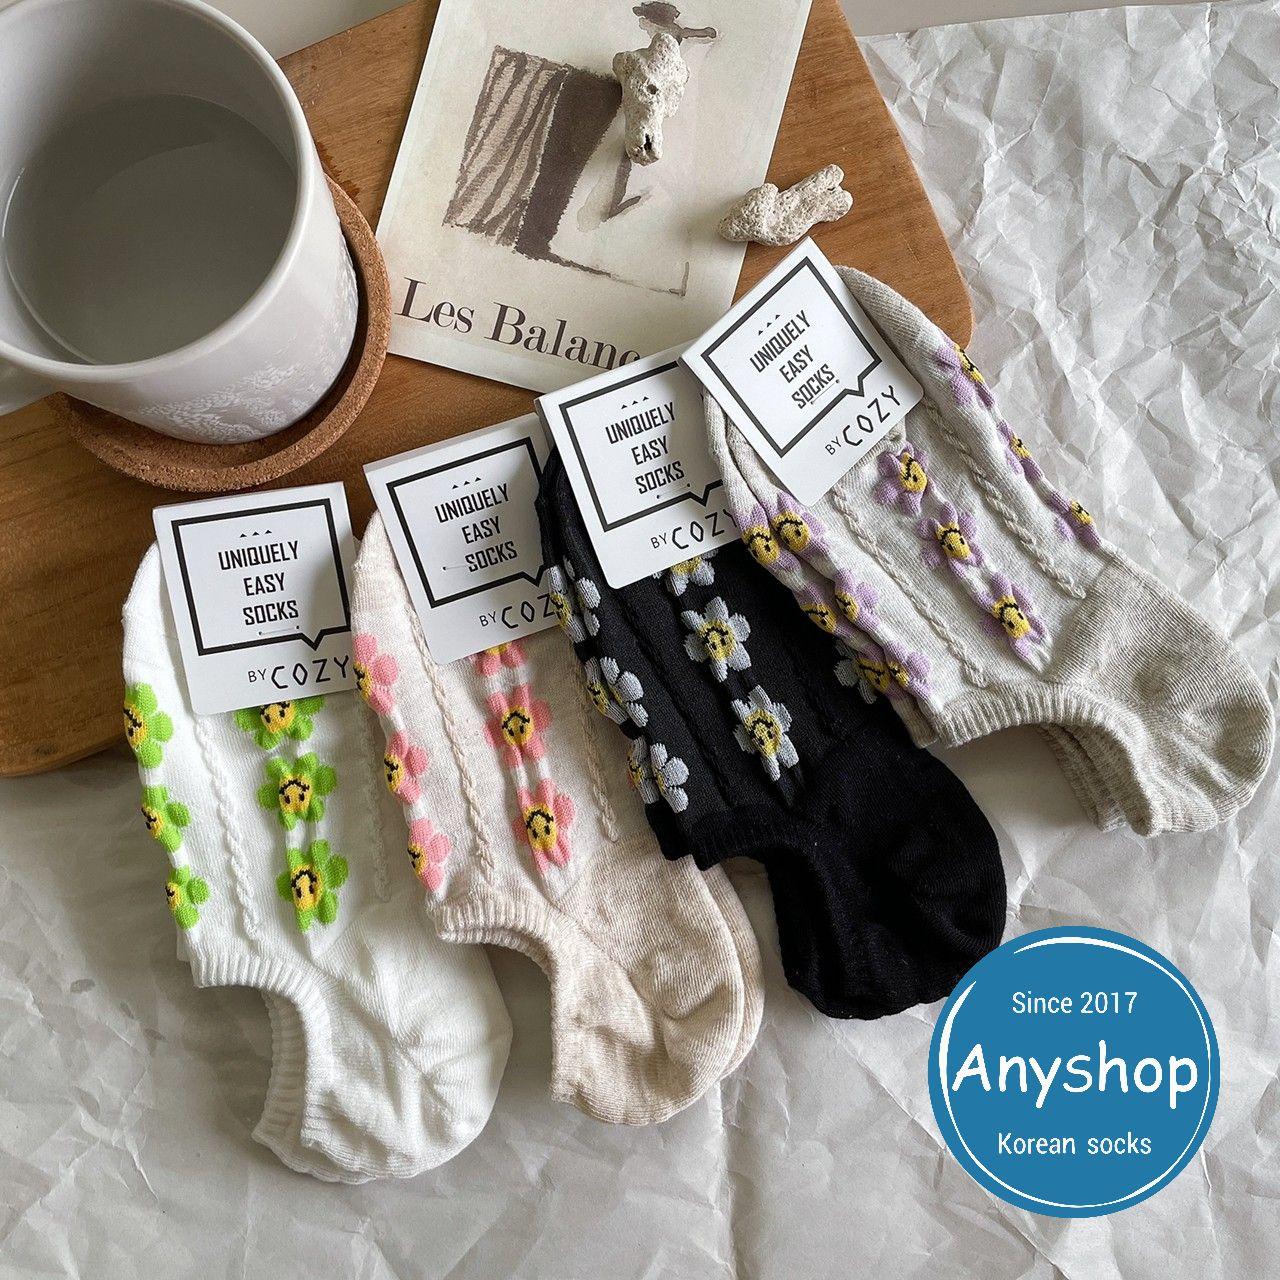 韓國襪-[Anyshop]麻花編織小花極短襪